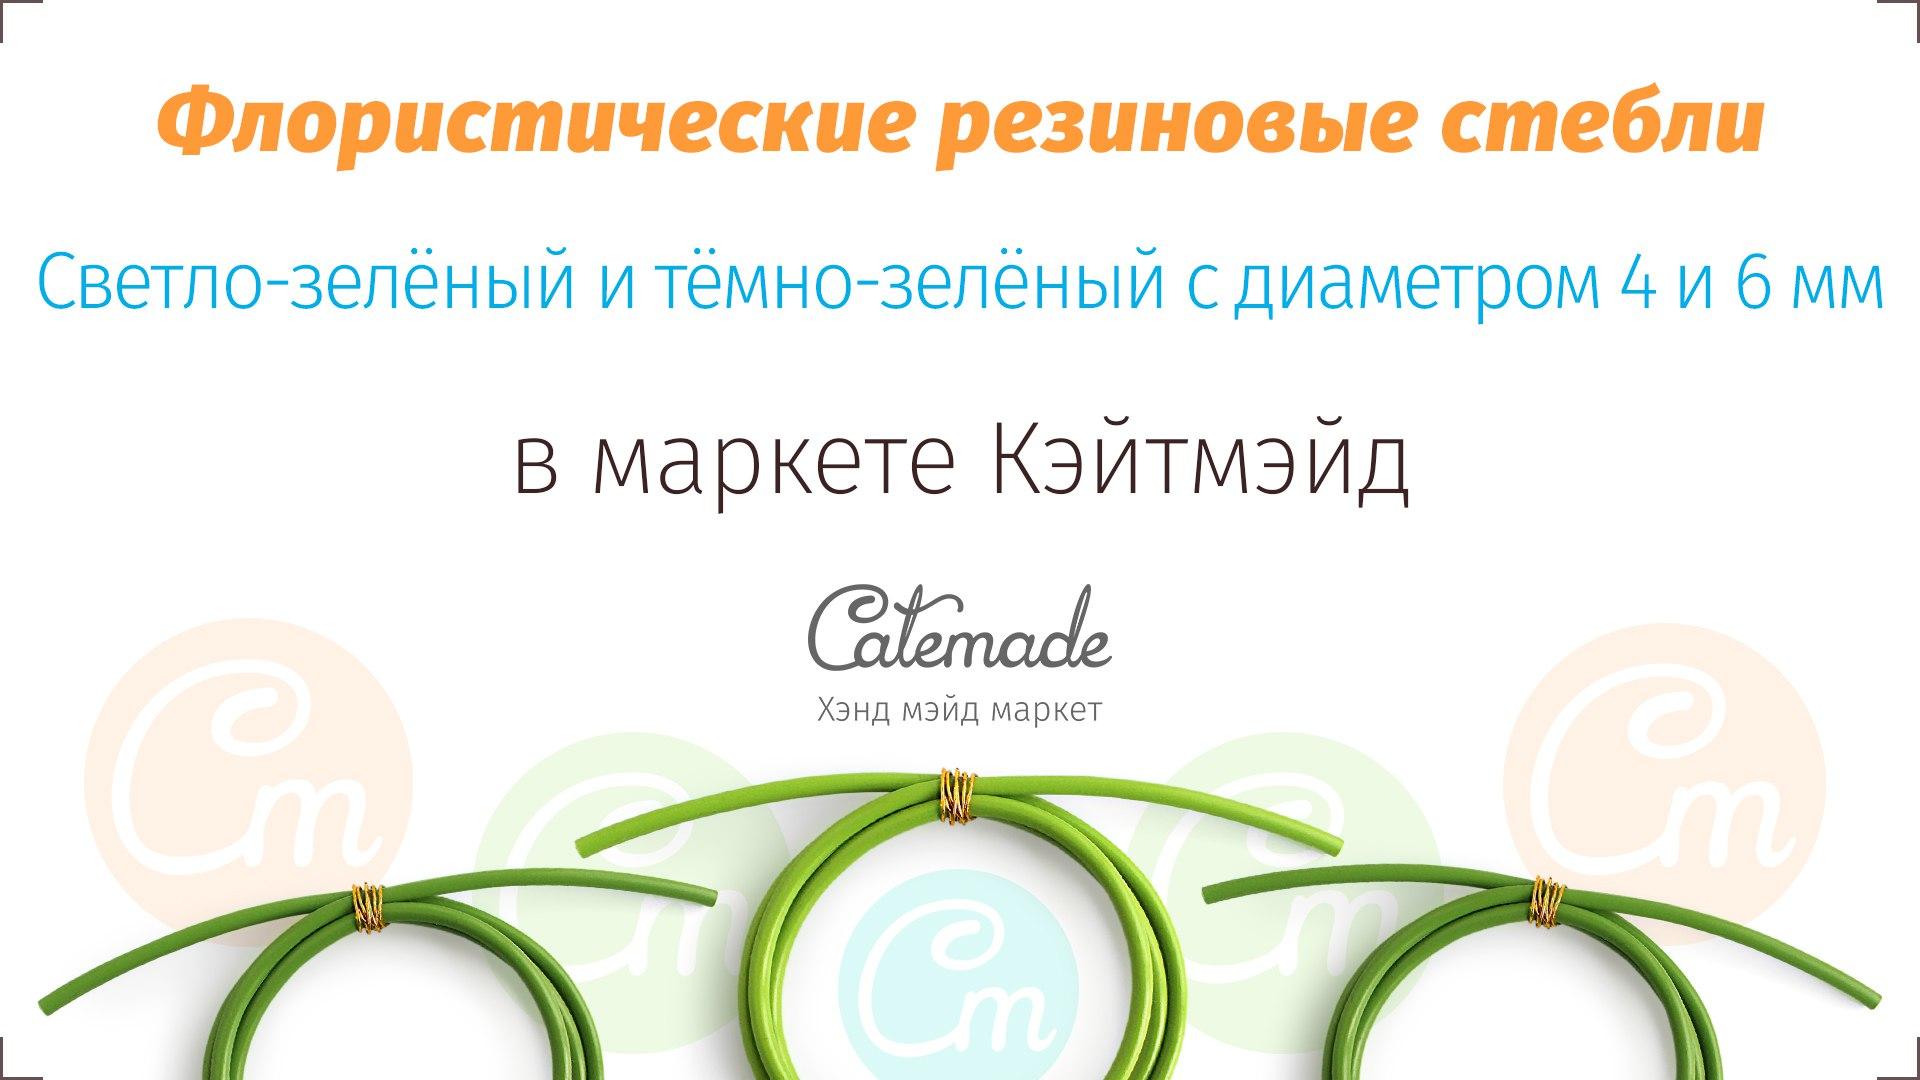 Флористический рукав (резиновые стебли, трубка для утолщения стебля) в маркете Кэйтмэйд